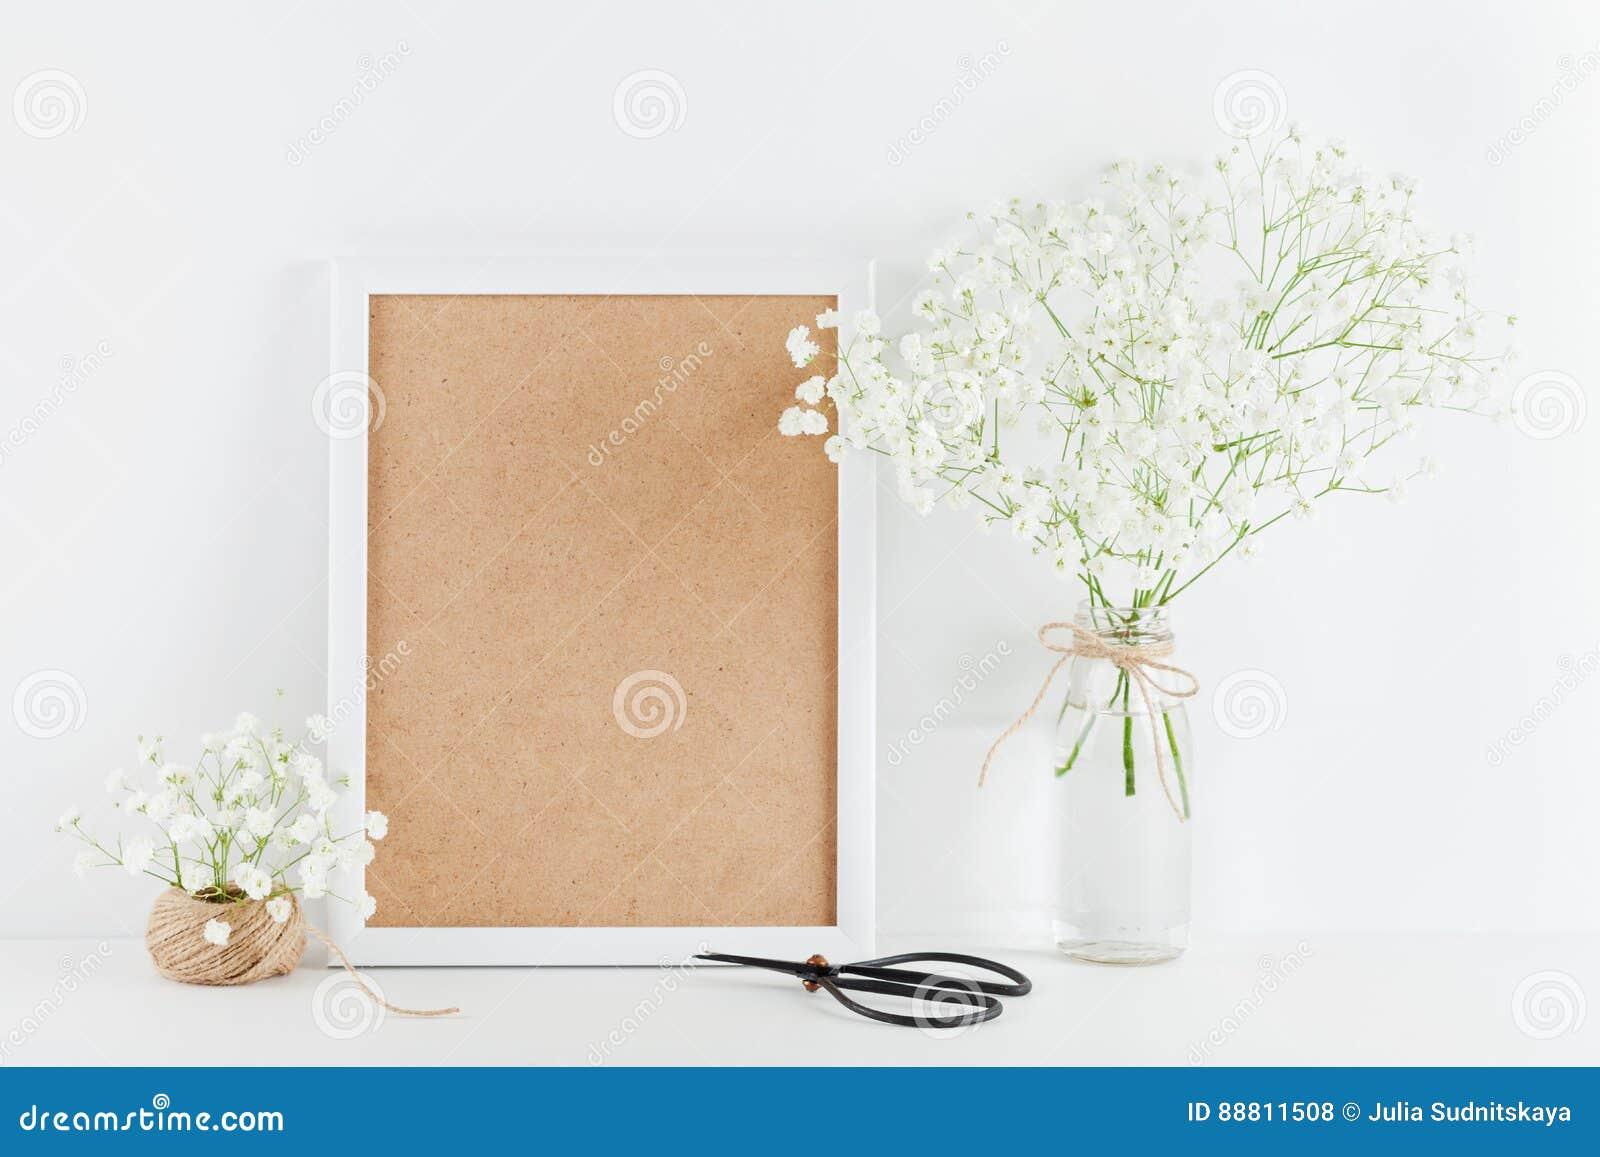 O modelo do gypsophila decorado moldura para retrato floresce no vaso na mesa de trabalho branca com espaço limpo para o texto e